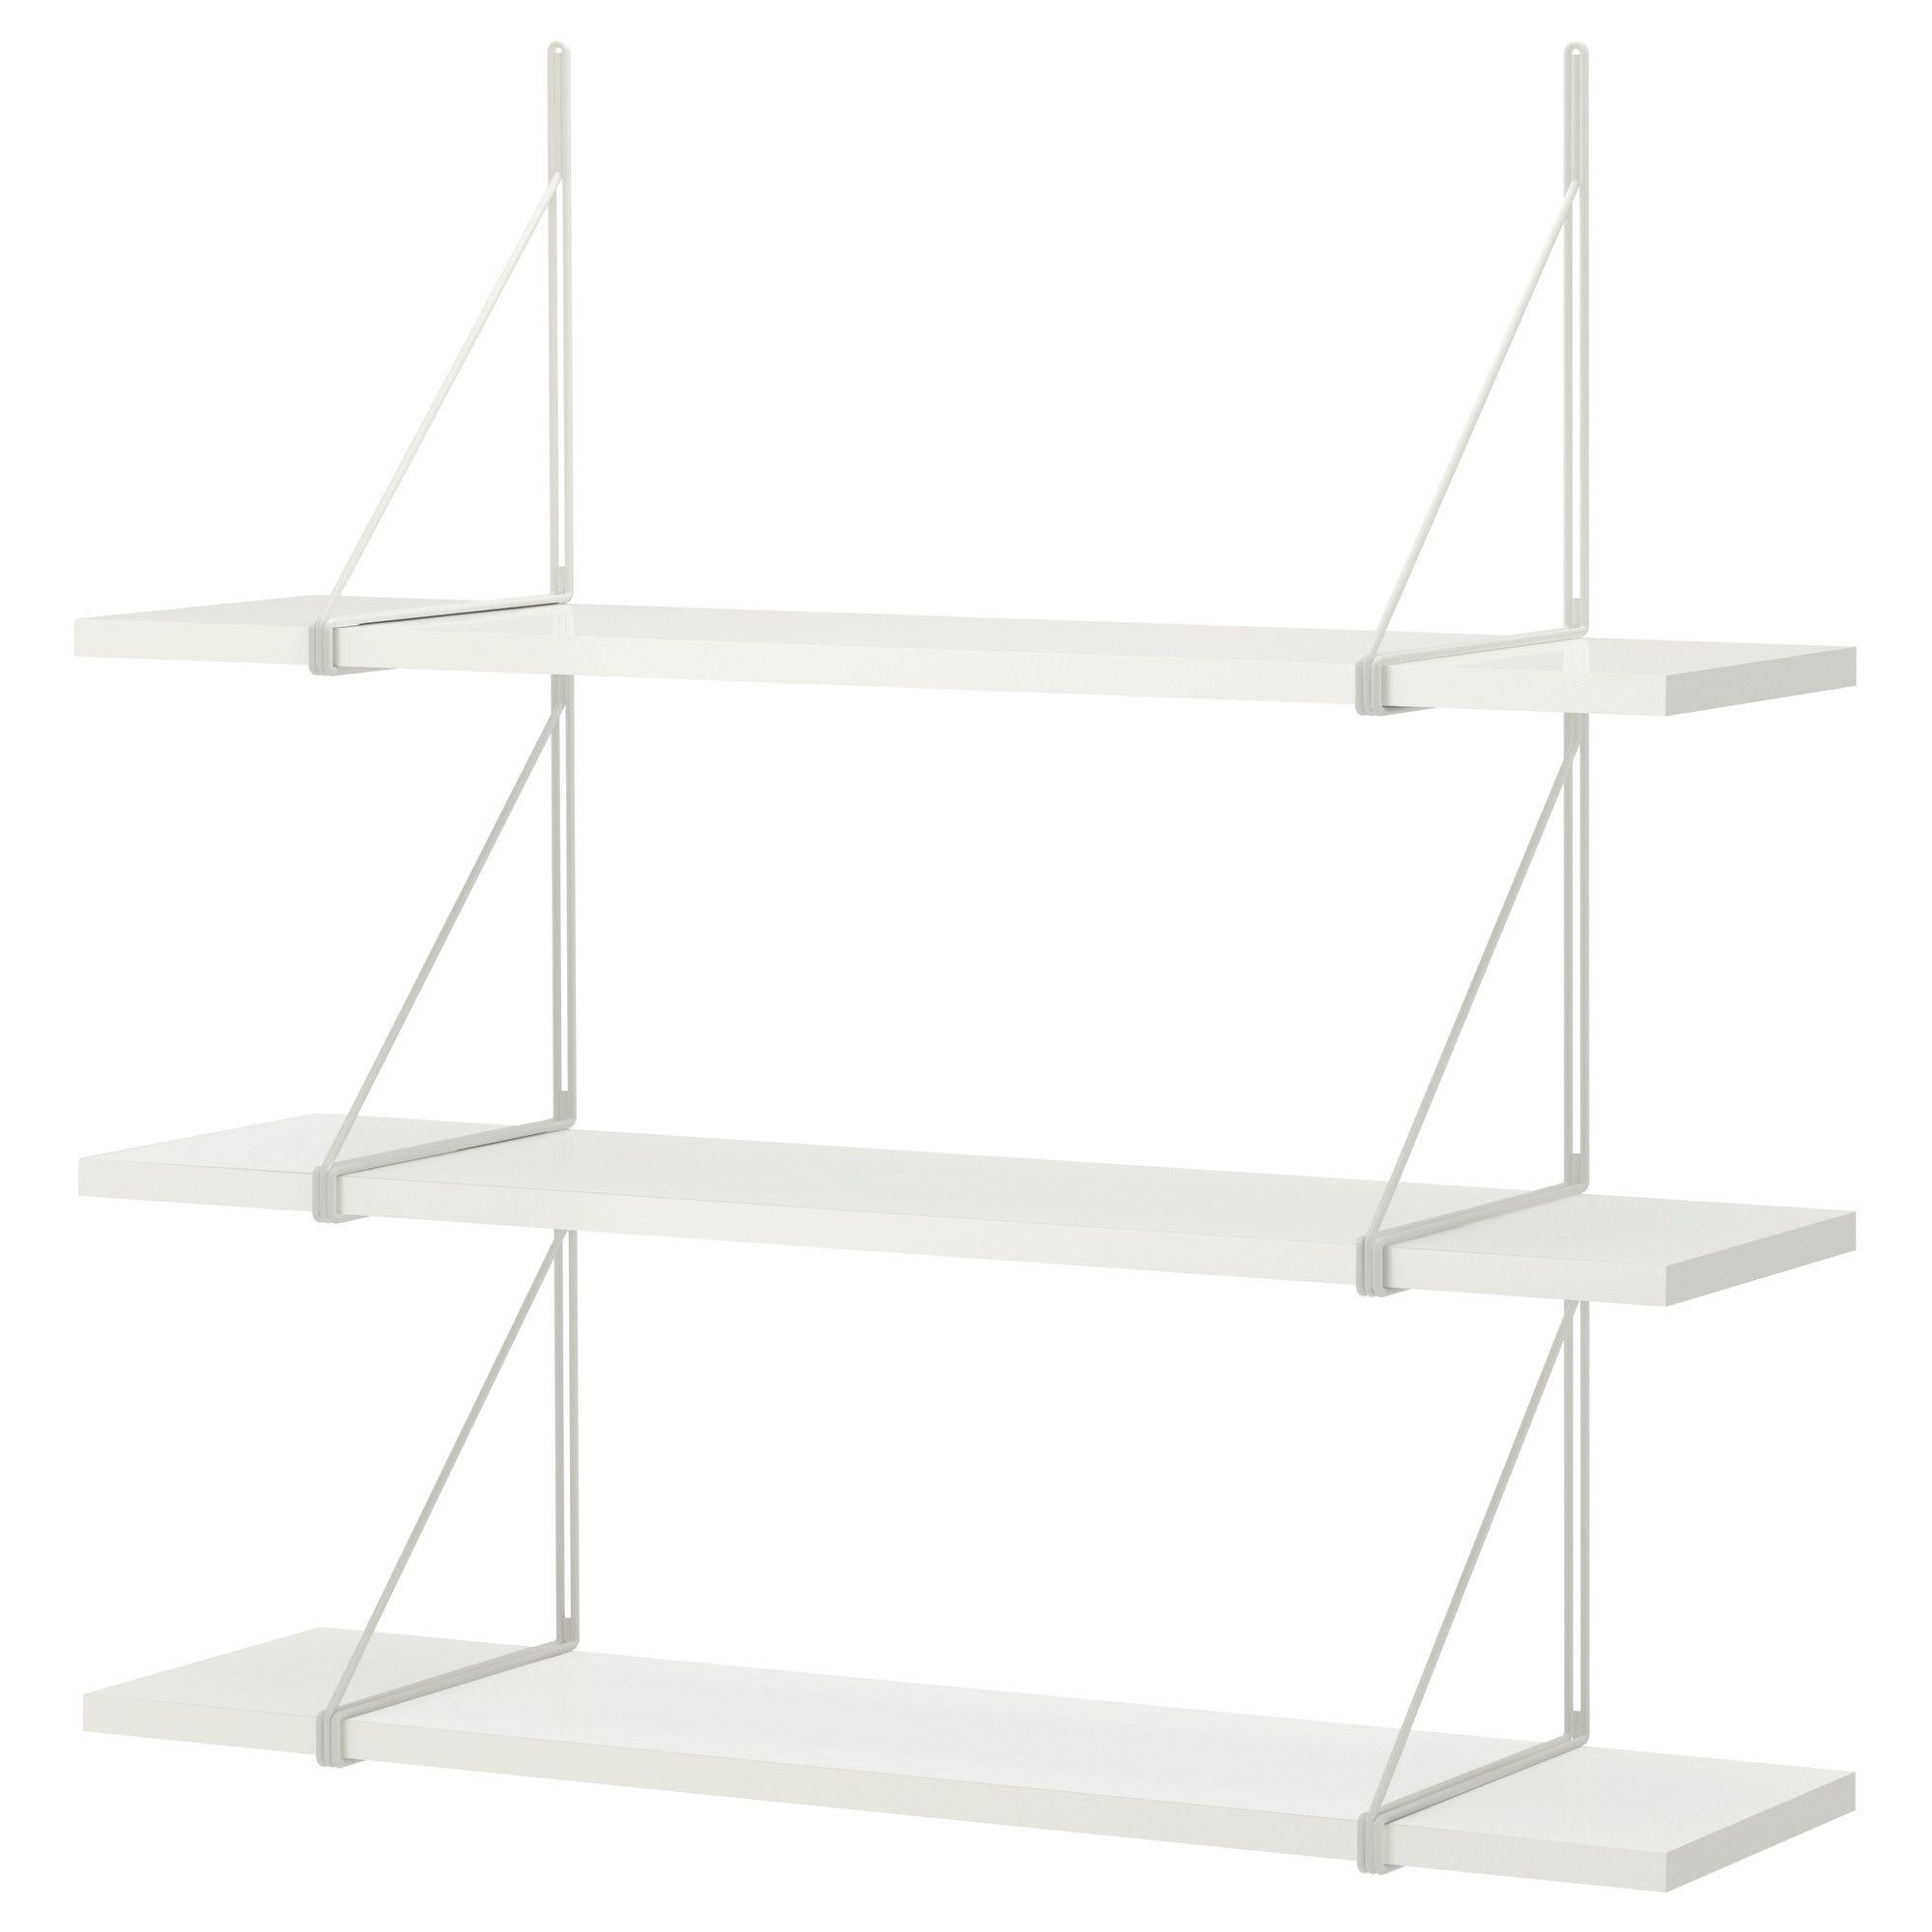 a29d794175886c3e00a8a39b26fe10b3 Impressionnant De Ikea Table Relevable Des Idées